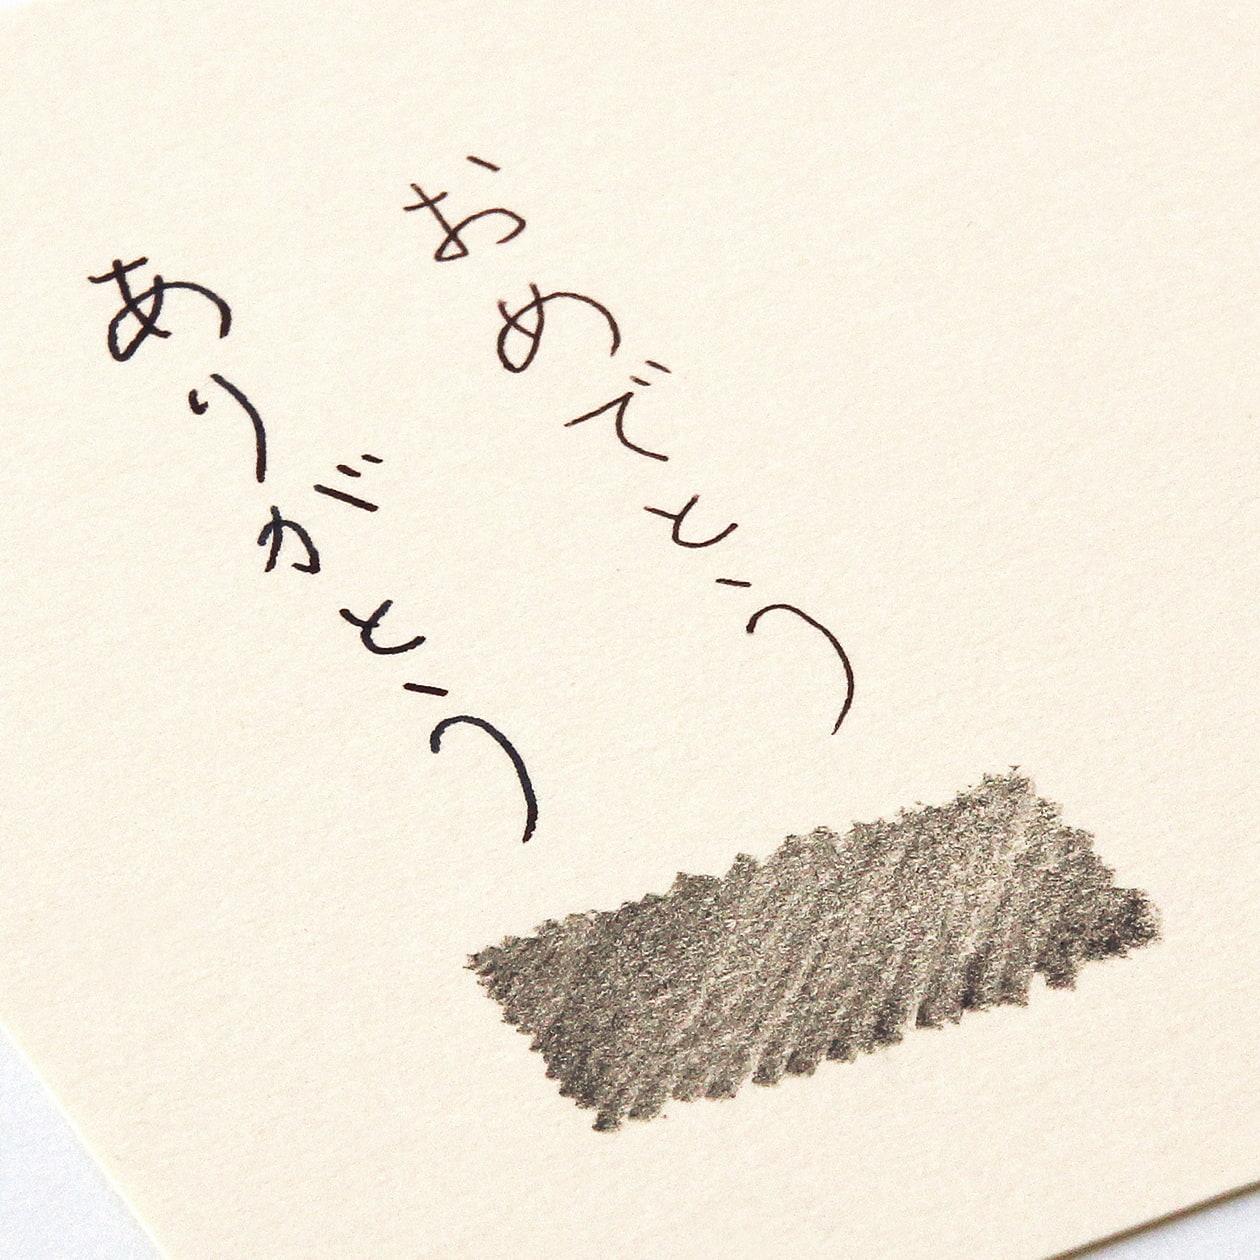 No.57ボーダード Pカード ボルドー 232.8g